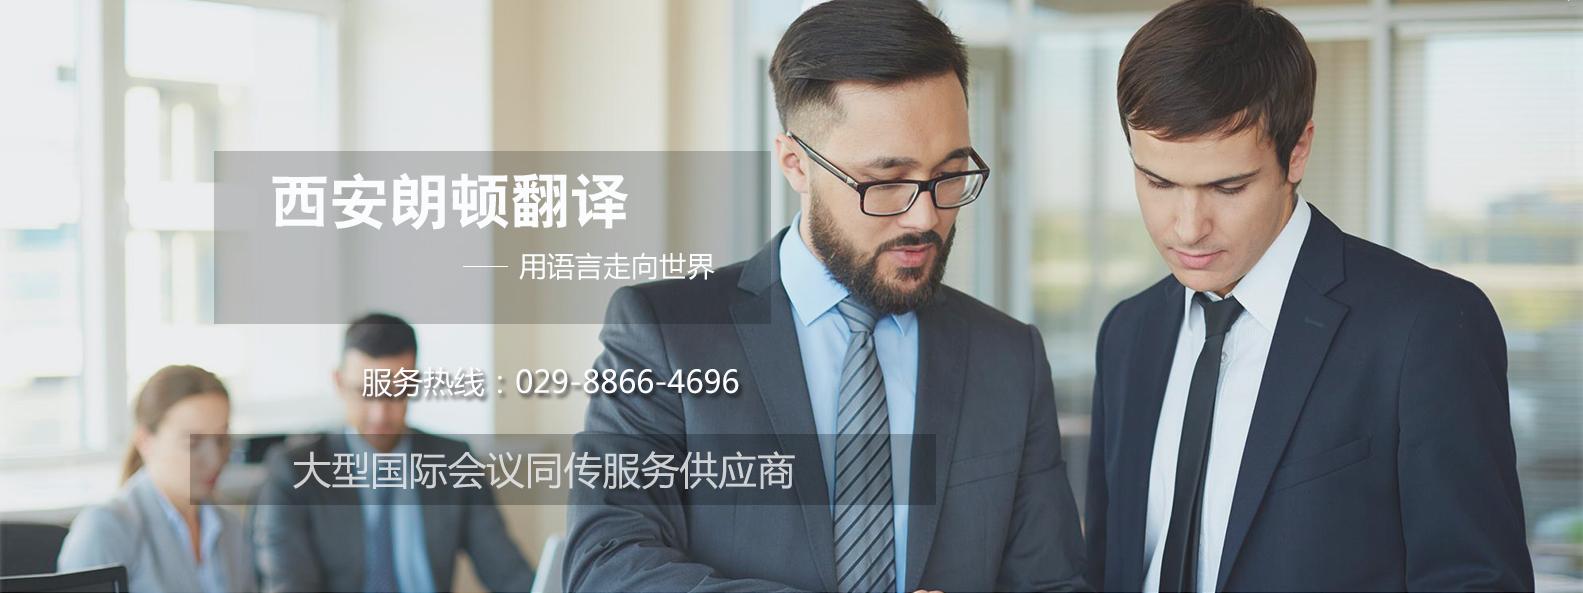 西安专业翻译公司在专利翻译的时候需要注意的事项